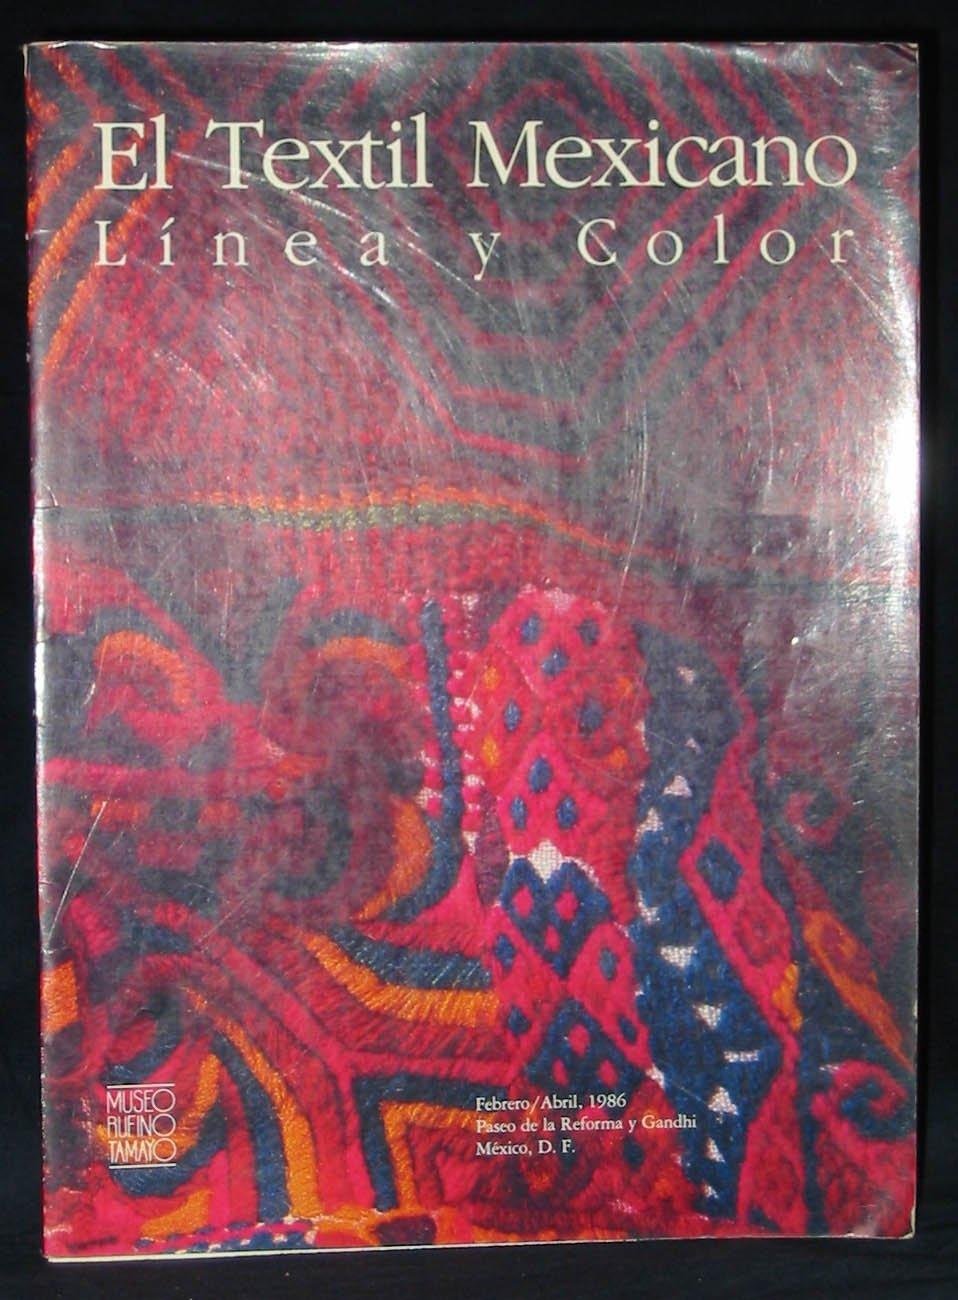 El Textil mexicano: Línea y color (Spanish Edition): Museo ...